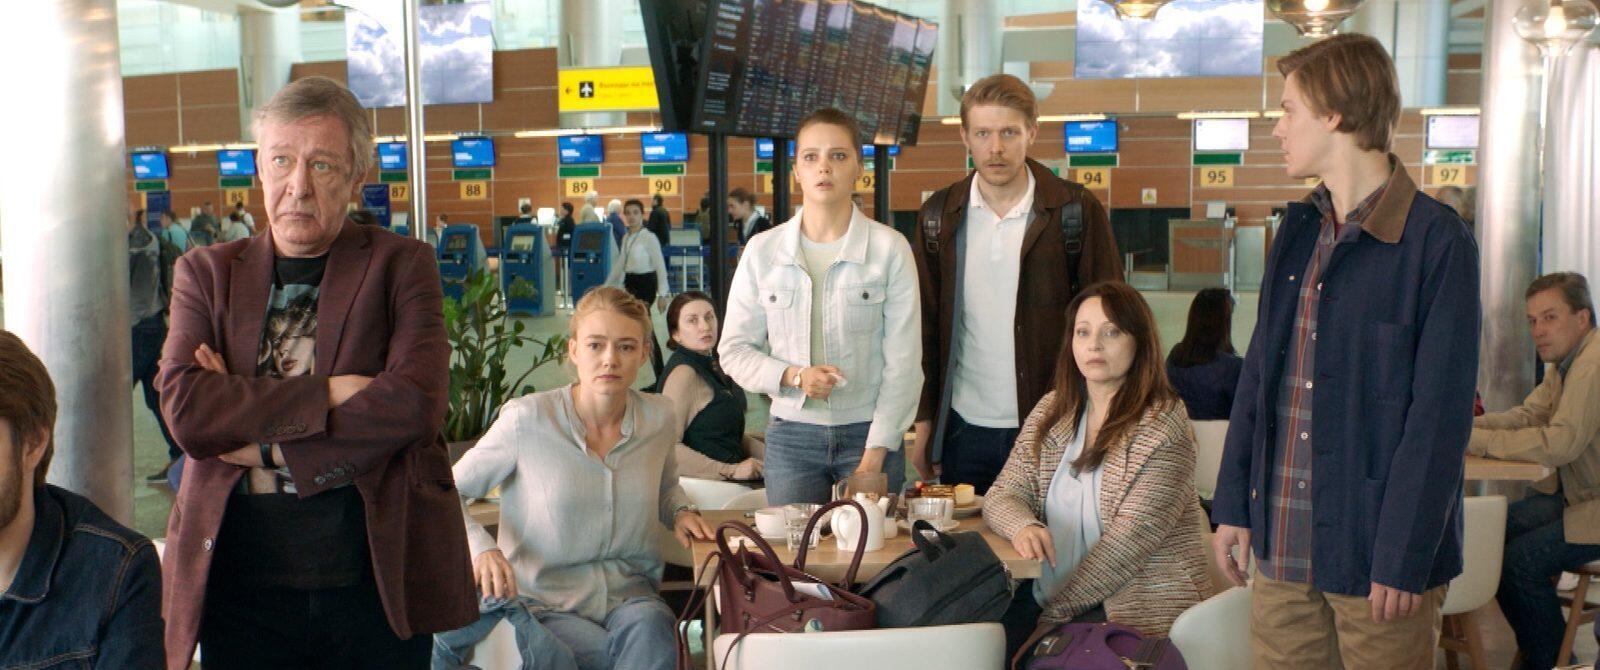 Лица главных героев сериала «Полет», когда они узнают, что самолет, на котором они должны были лететь, разбился